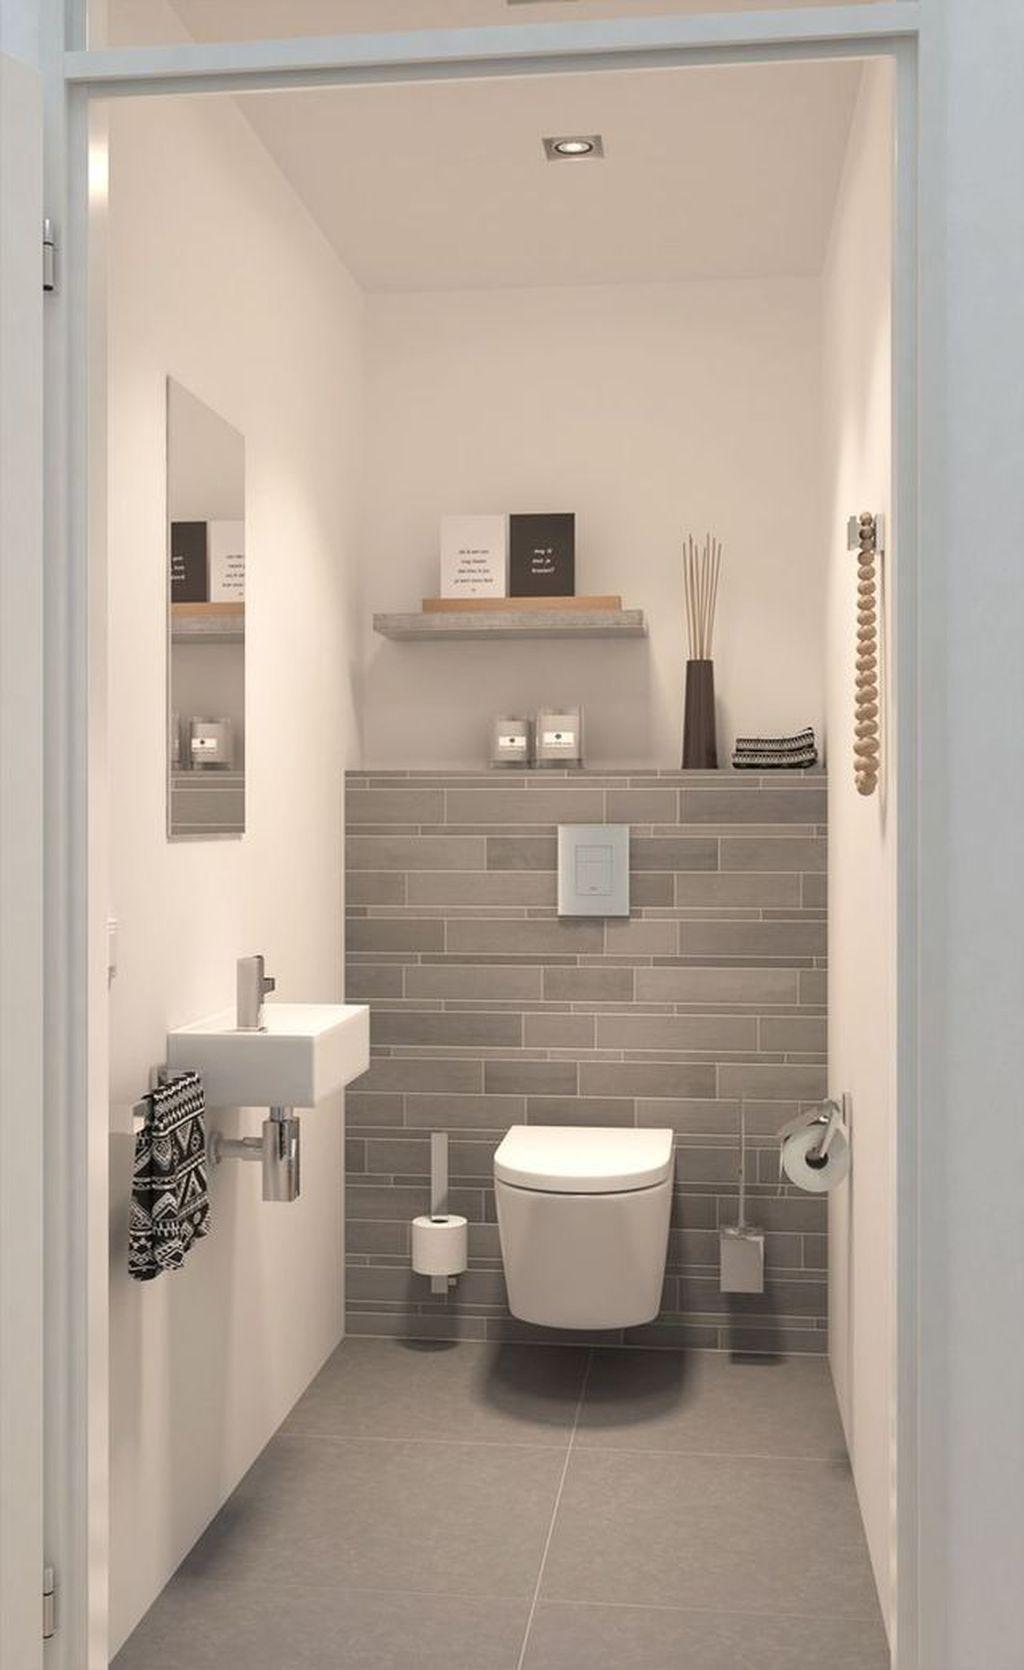 38 Cozy Small Office Bathroom Designs Ideas Badkamerideeen Badkamer